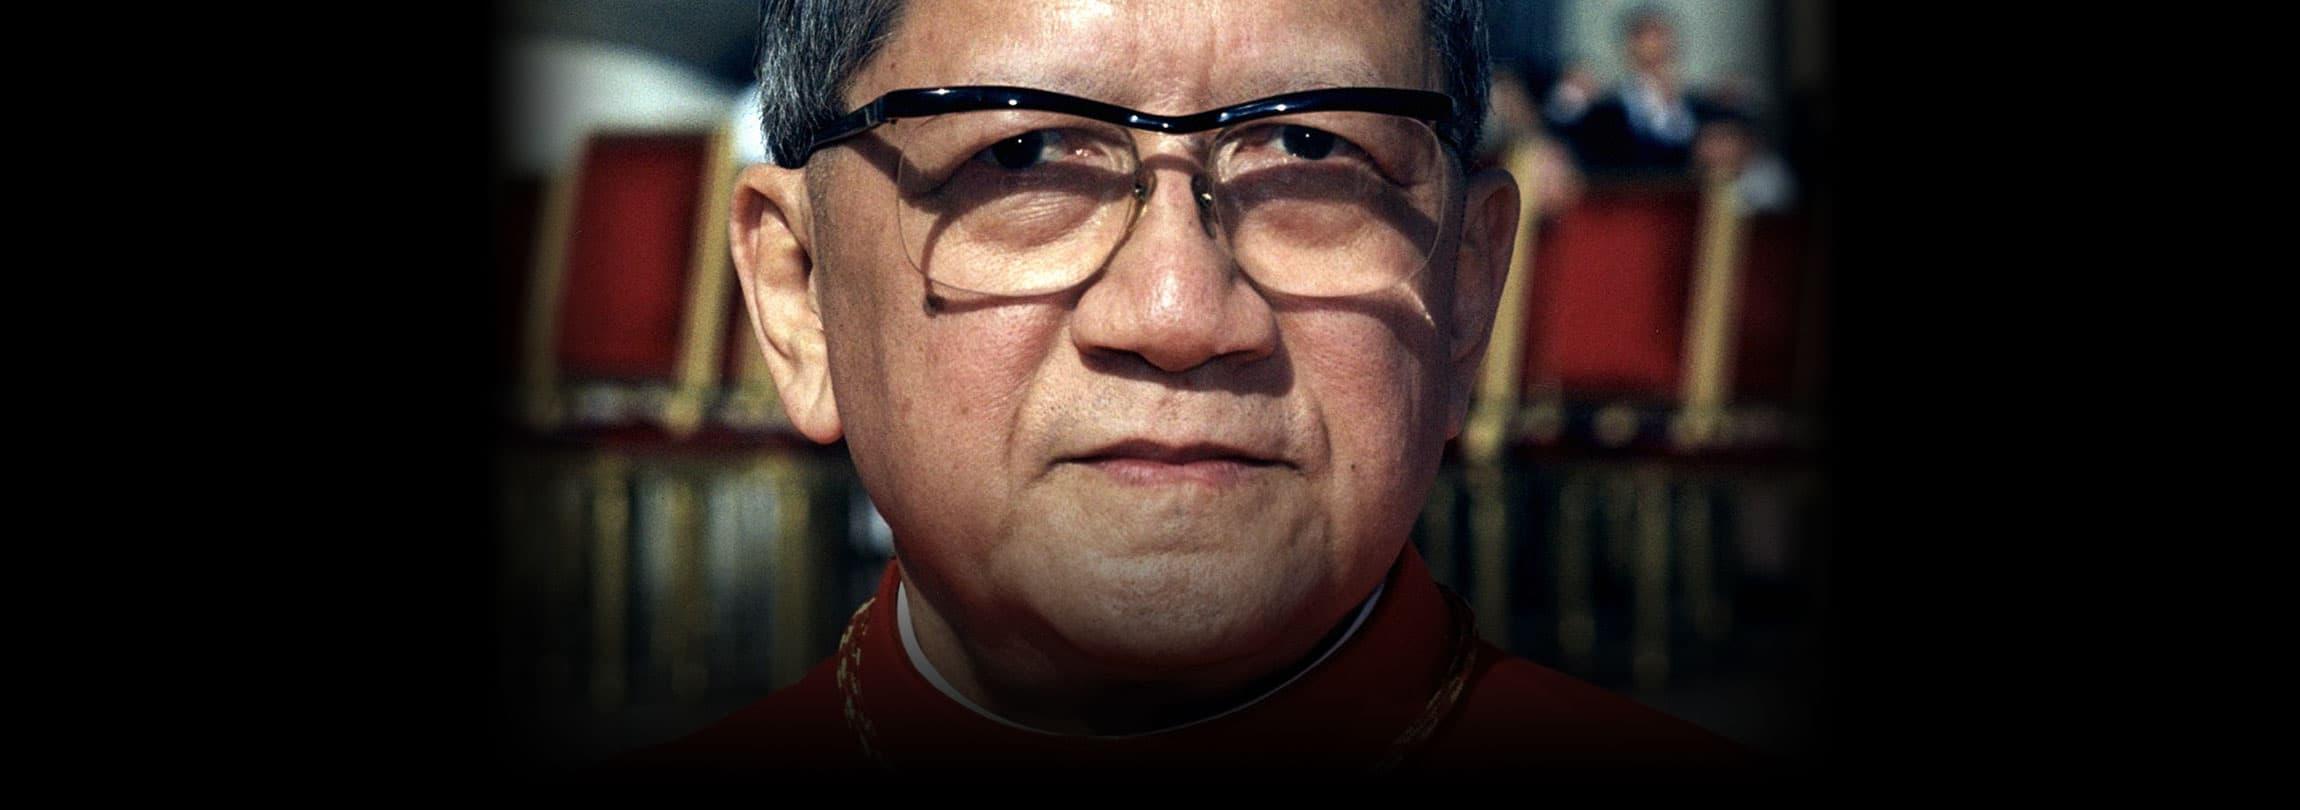 Governo comunista do Vietnã barra testemunha da beatificação do cardeal Van Thuan